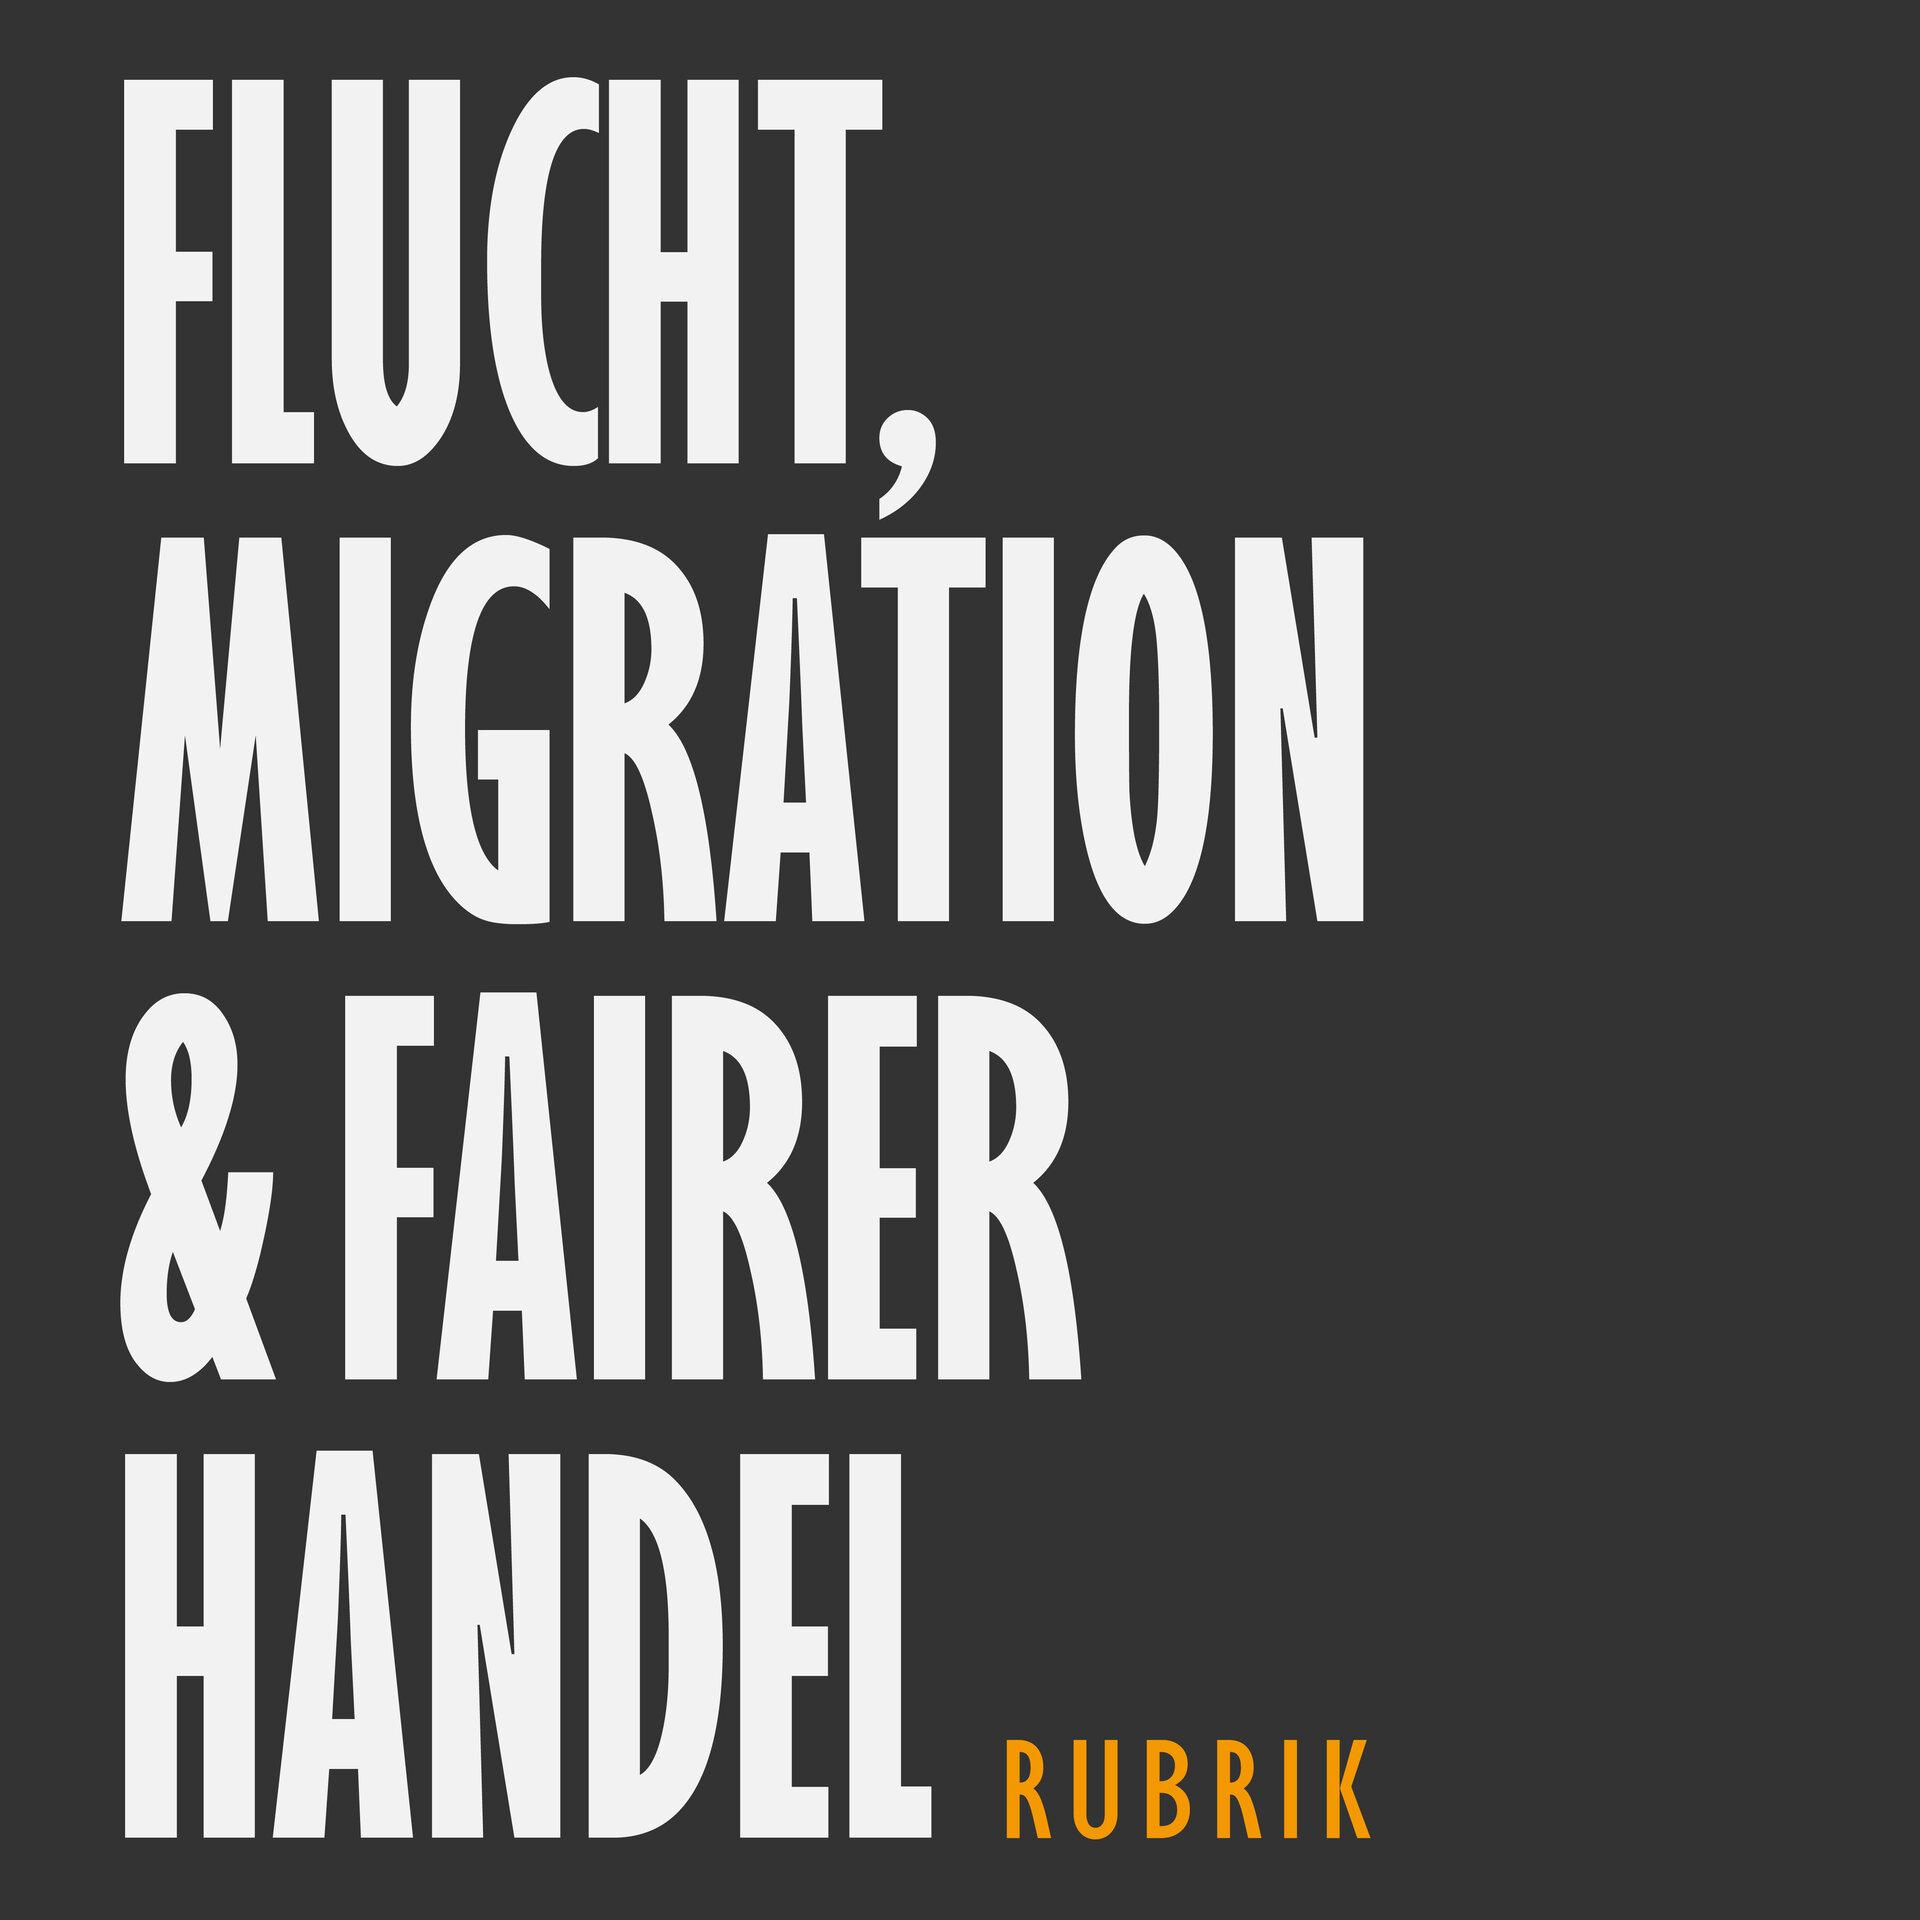 Flucht, Migration und FH